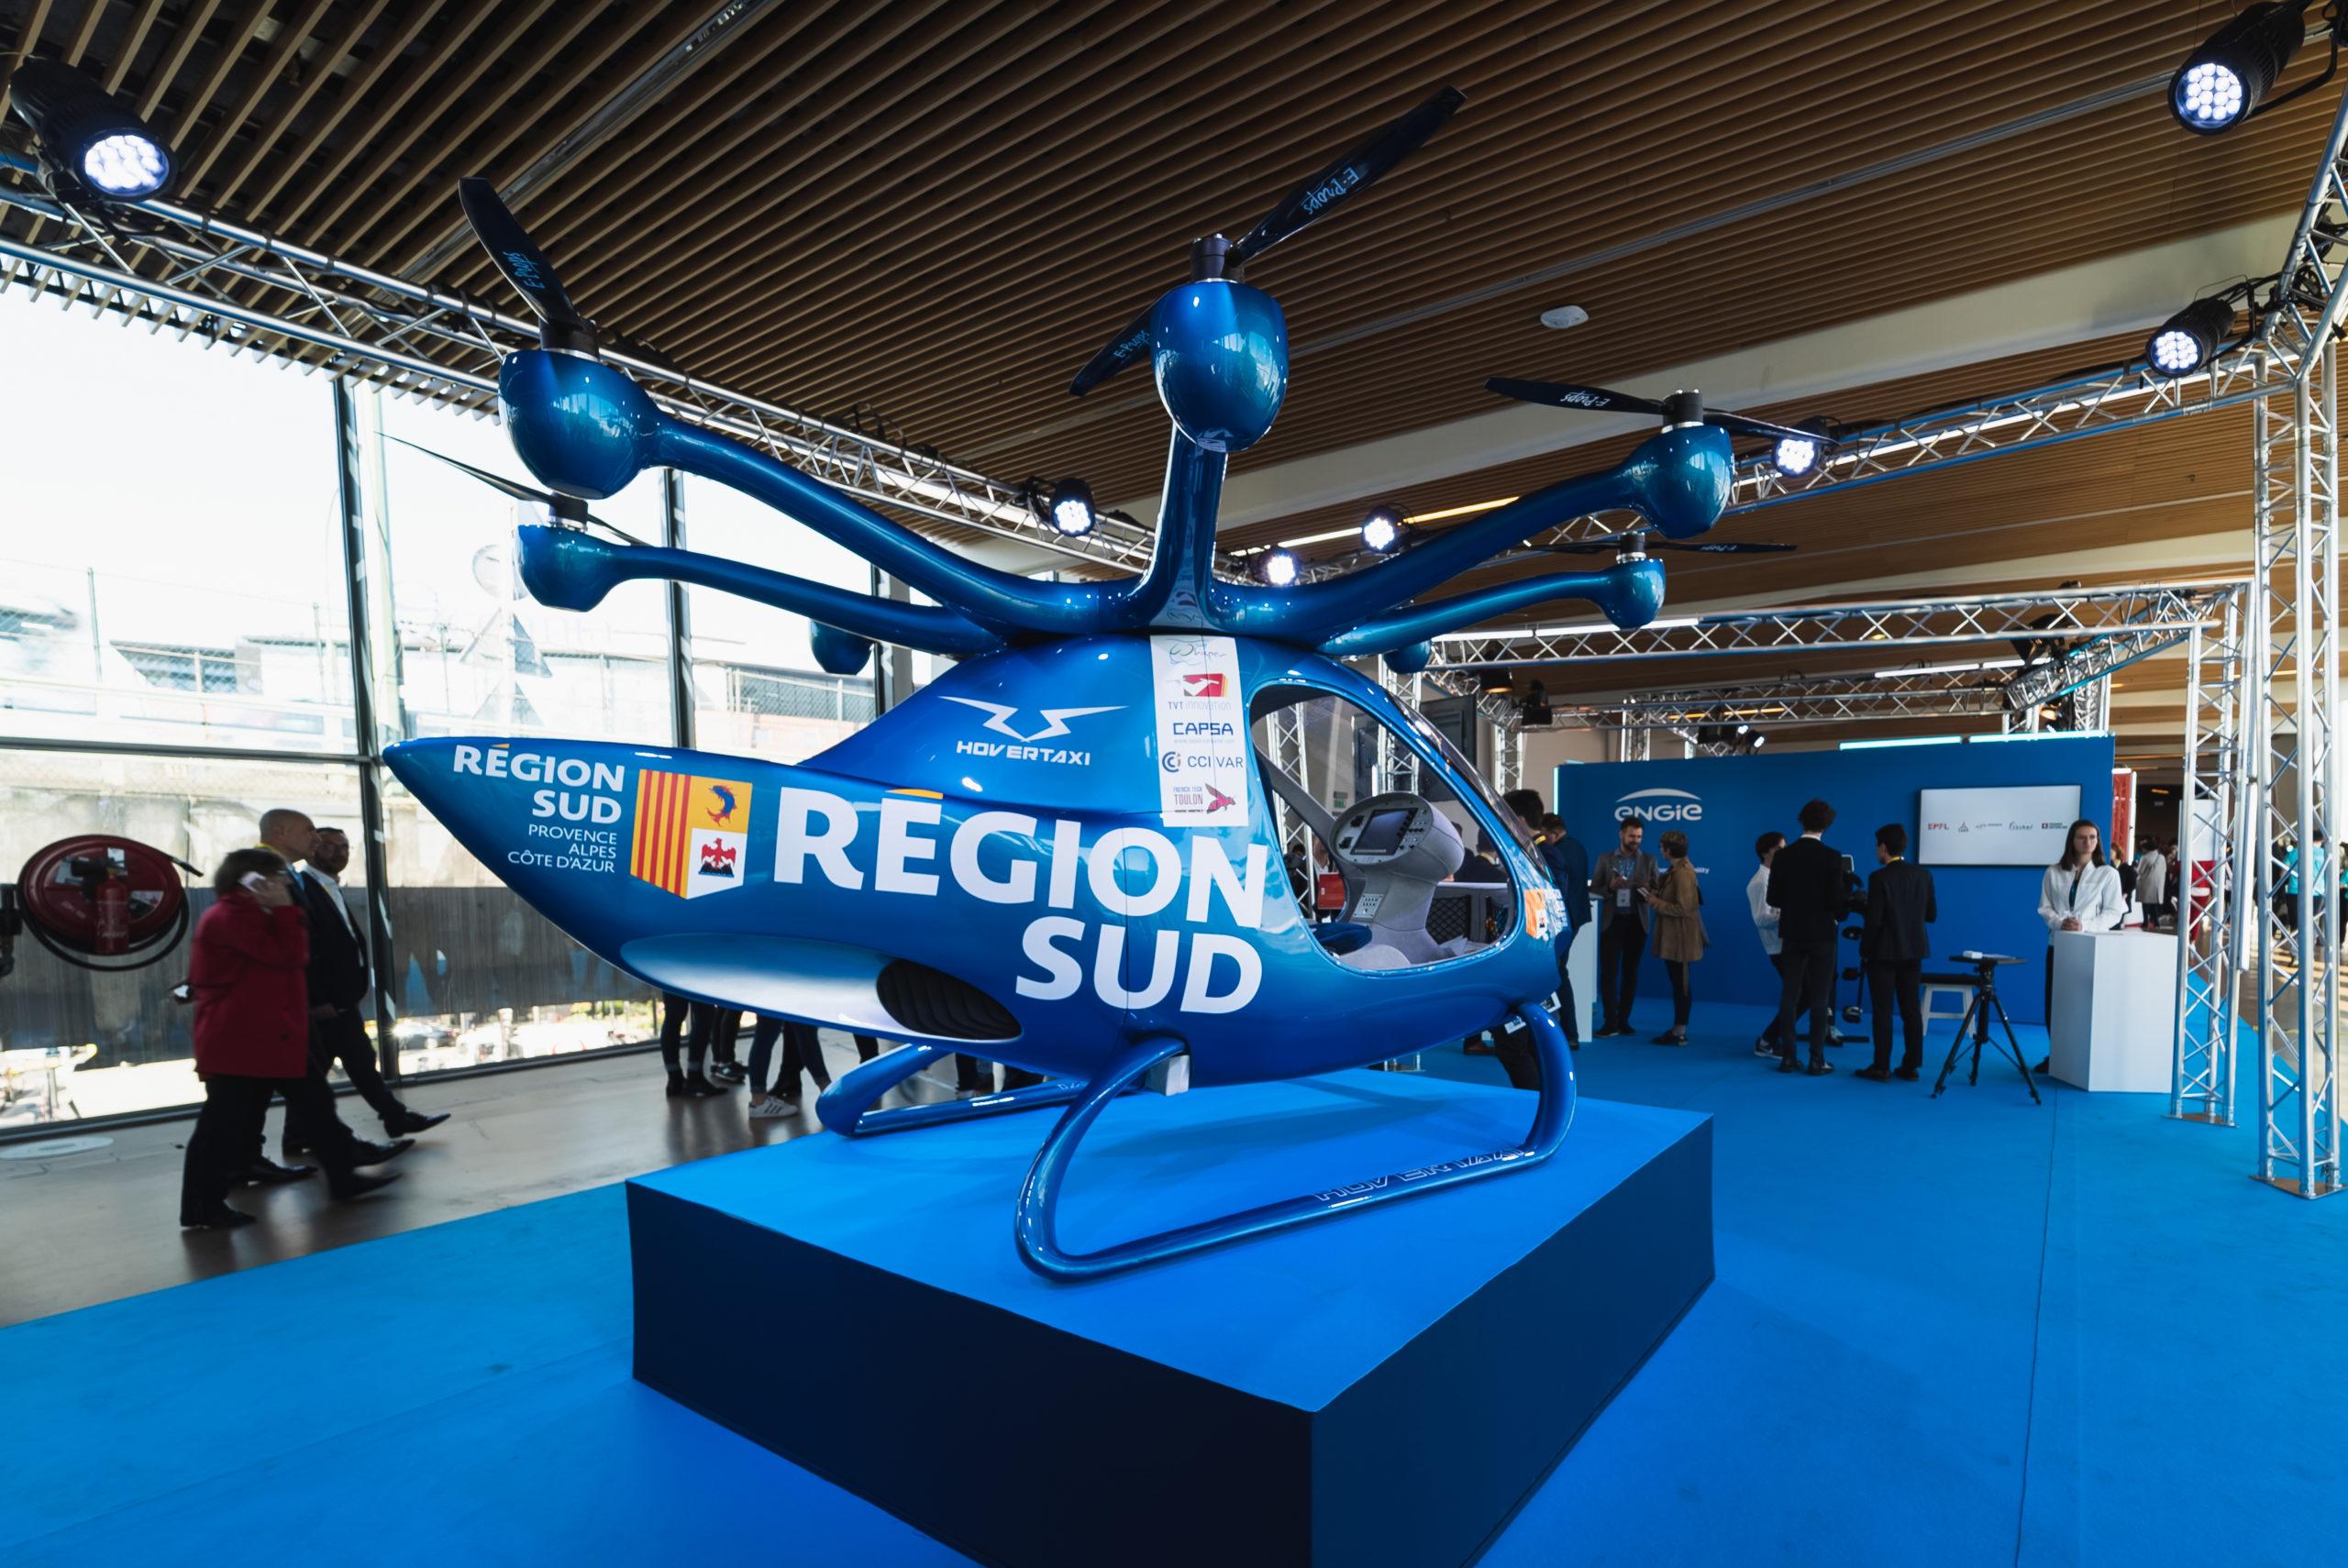 La Région Sud embarque les startups à Vivatechnology